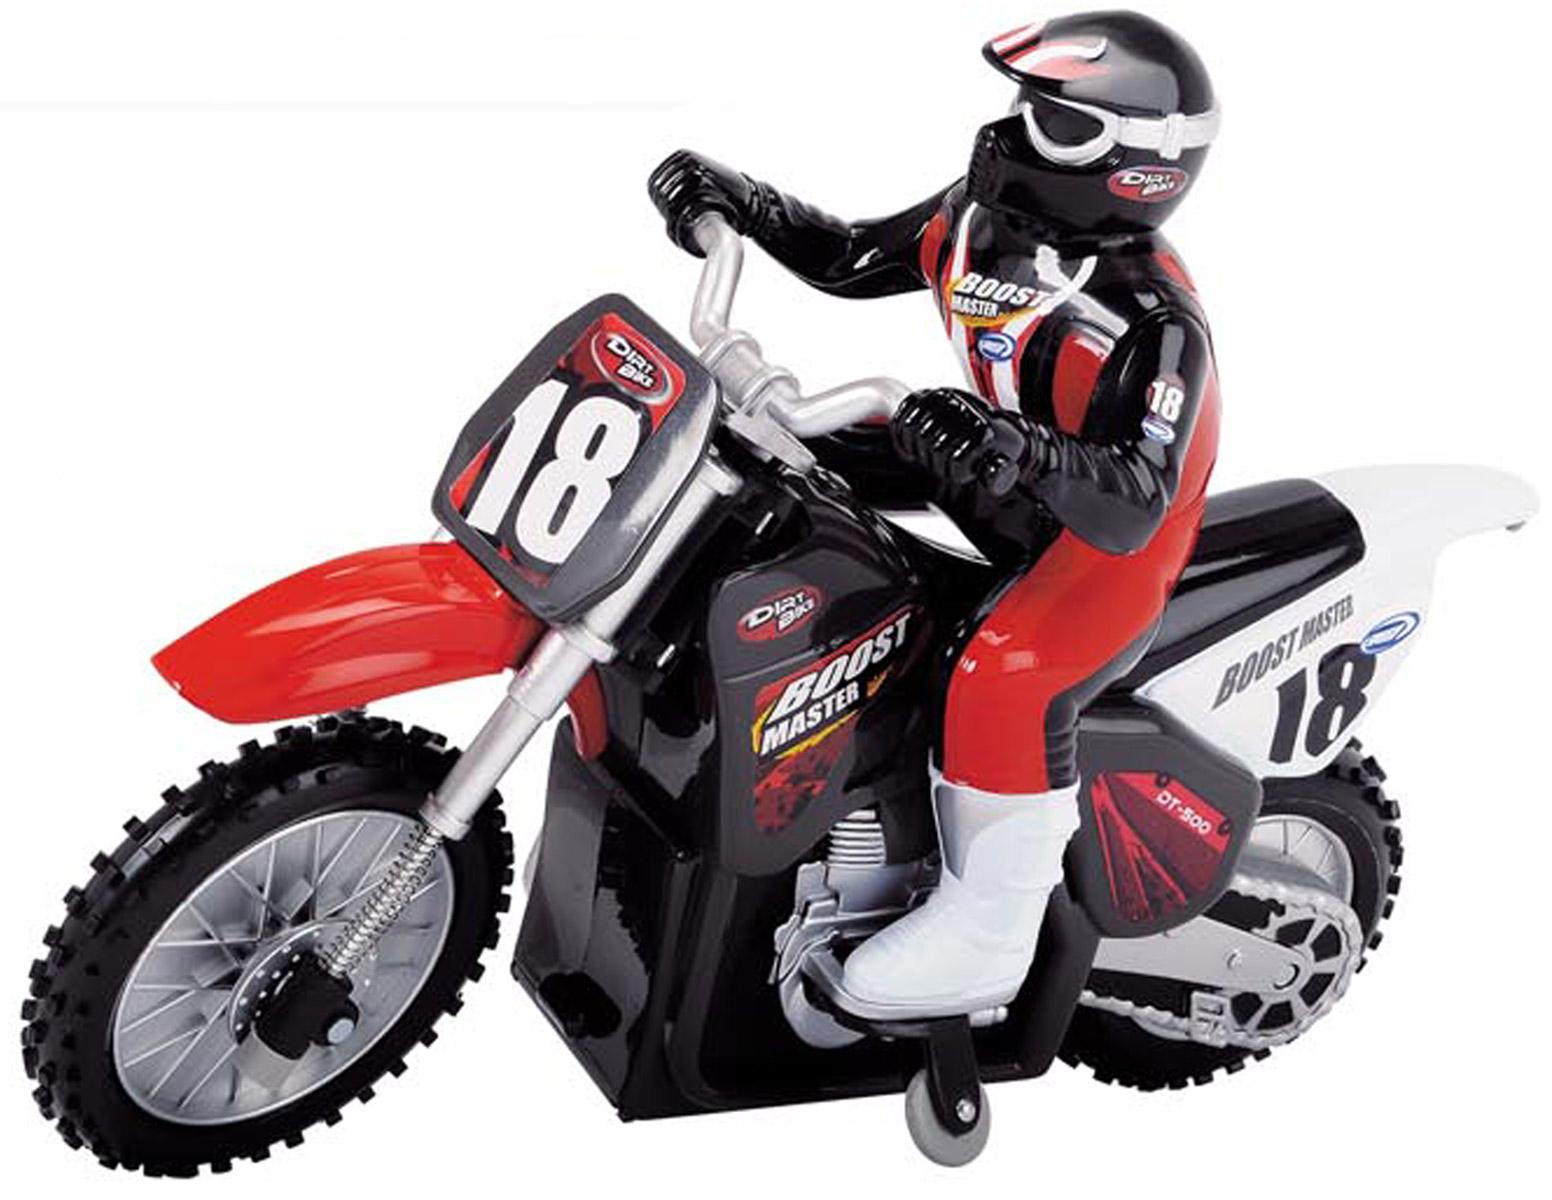 Dickie Toys Мотоцикл на радиоуправлении19420Радиоуправляемый мотоцикл Dickie Toys может разгонятся до 10 км/ч и непременно понравится Эта машина является уменьшенной копией настоящей машинки. Мощность ее составляет не более 10 мВт, а разнос каналов 50 кГц. С пульта управления возможно управлять многими функциями мотоцикла: турбоускорением для плавного разгона и торможением. Мотоцикл имеет полное радиоуправление во всех направлениях. Рабочая частота 2,4ГГц, а максимальный коэффициент усиления антенны 3 дБ Мотоцикл работает от 4 батареек напряжением 1,5V типа АА (входит в комплект). Пульт управления работает от 1 батарейки Крона (входит в комплект).